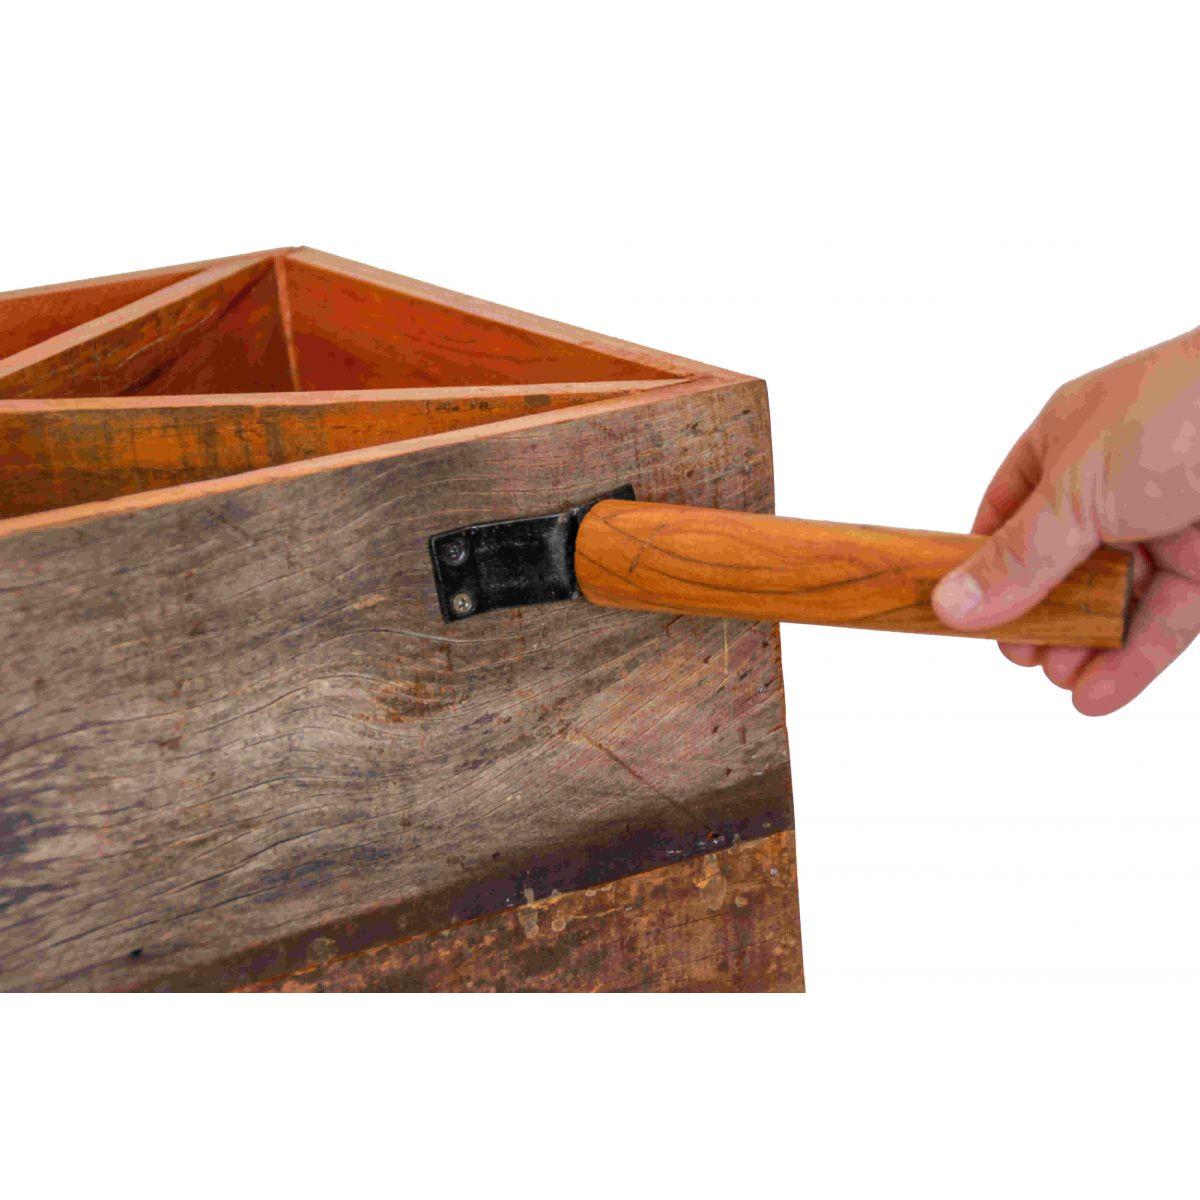 Adega Caixa Para Vinho Em Madeira De Demolição Medindo 40x35x60